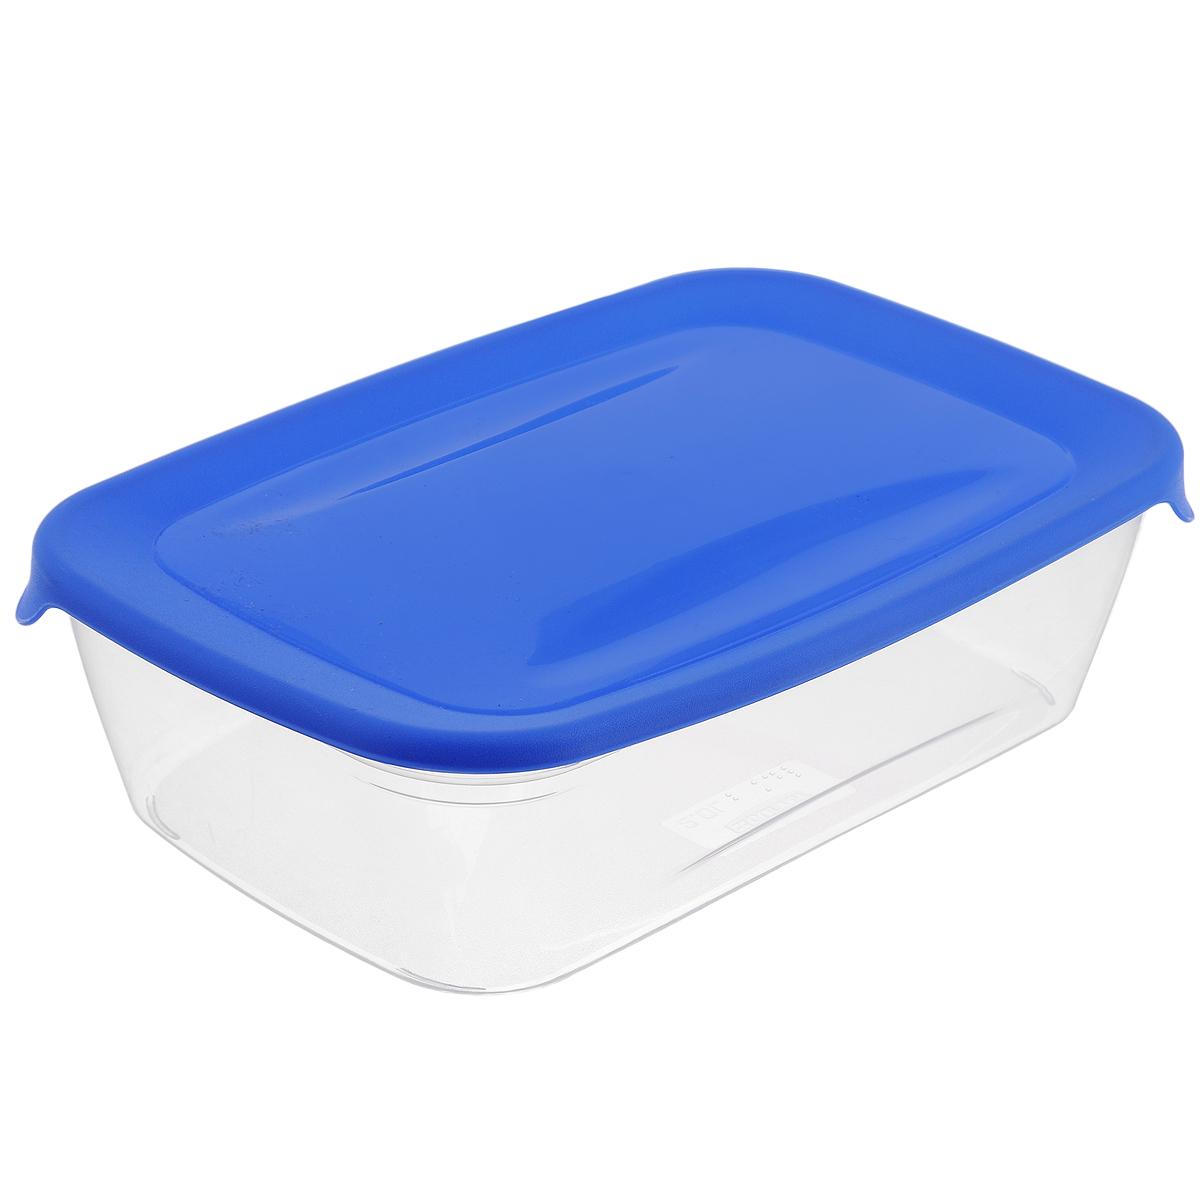 """Прямоугольная емкость для заморозки и СВЧ Curver """"Fresh & Go"""" изготовлена из высококачественного пищевого пластика (BPA free), который выдерживает температуру от -40°С до +100°С. Стенки емкости прозрачные, а крышка цветная. Она плотно закрывается, дольше сохраняя продукты свежими и вкусными. Емкость удобно брать с собой на работу, учебу, пикник или просто использовать для хранения пищи в холодильнике. Можно использовать в микроволновой печи и для заморозки в морозильной камере. Можно мыть в посудомоечной машине."""